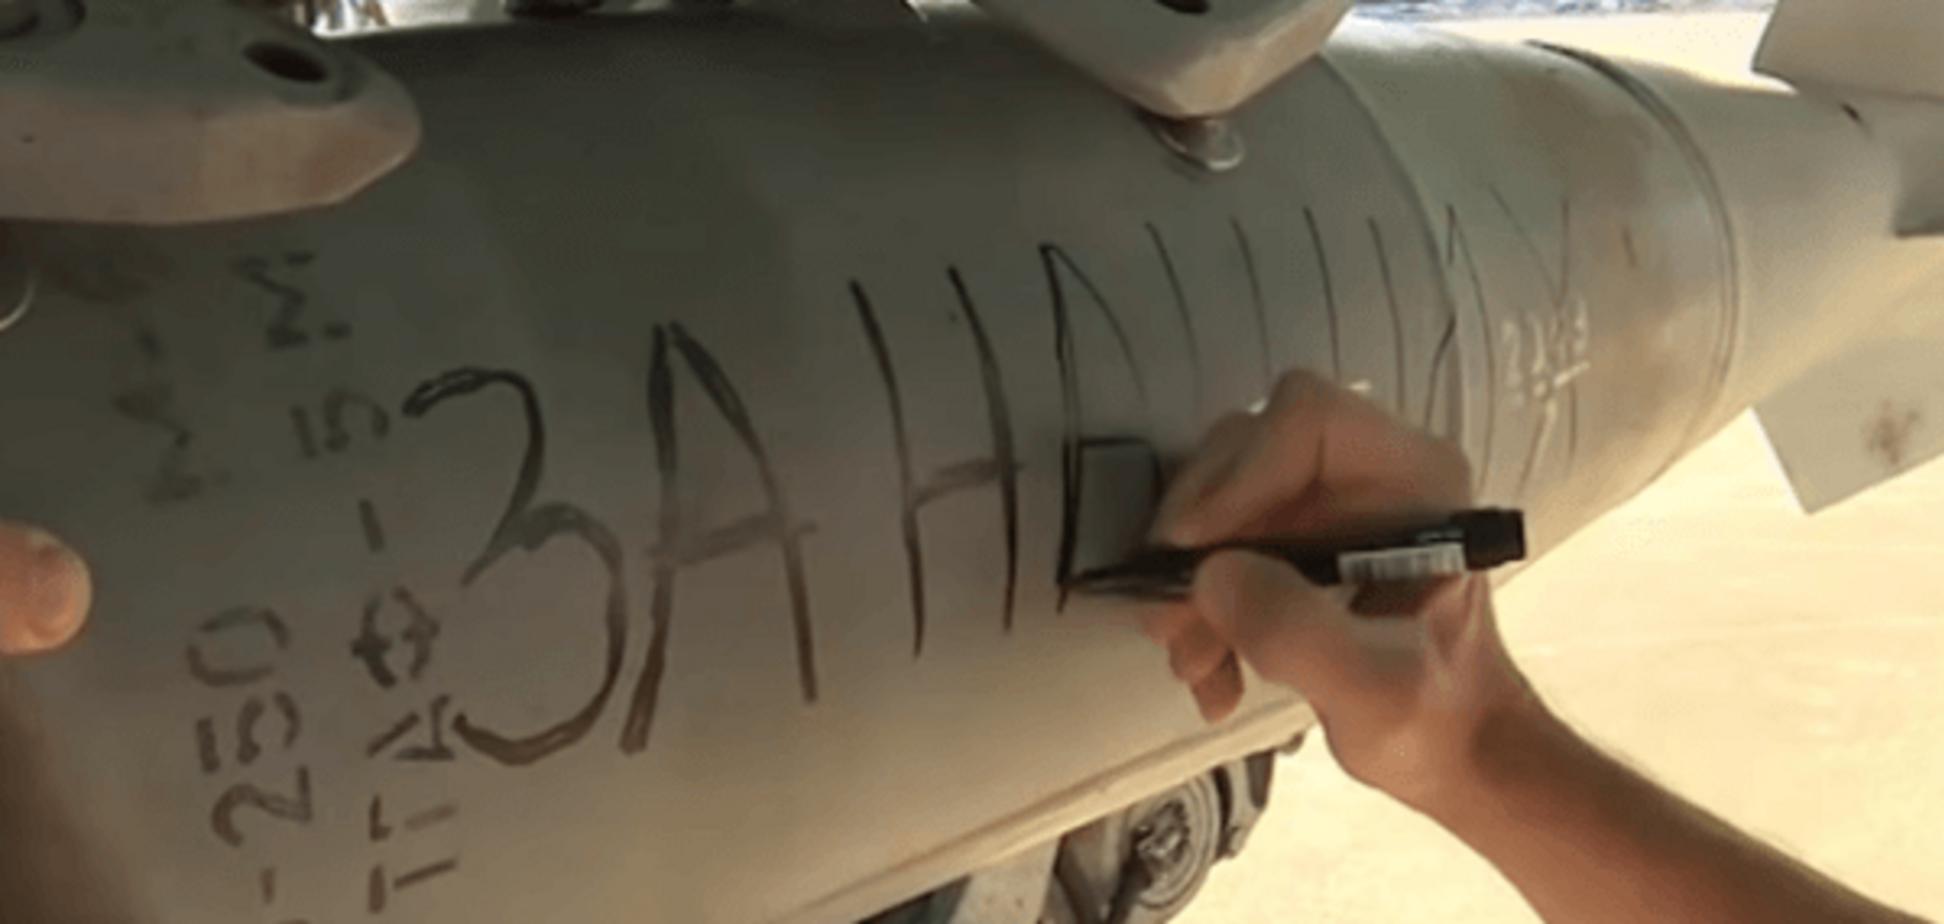 'За наших! За Париж!': Росія скинула на Сирію бомби з 'привітом'. Відеофакт